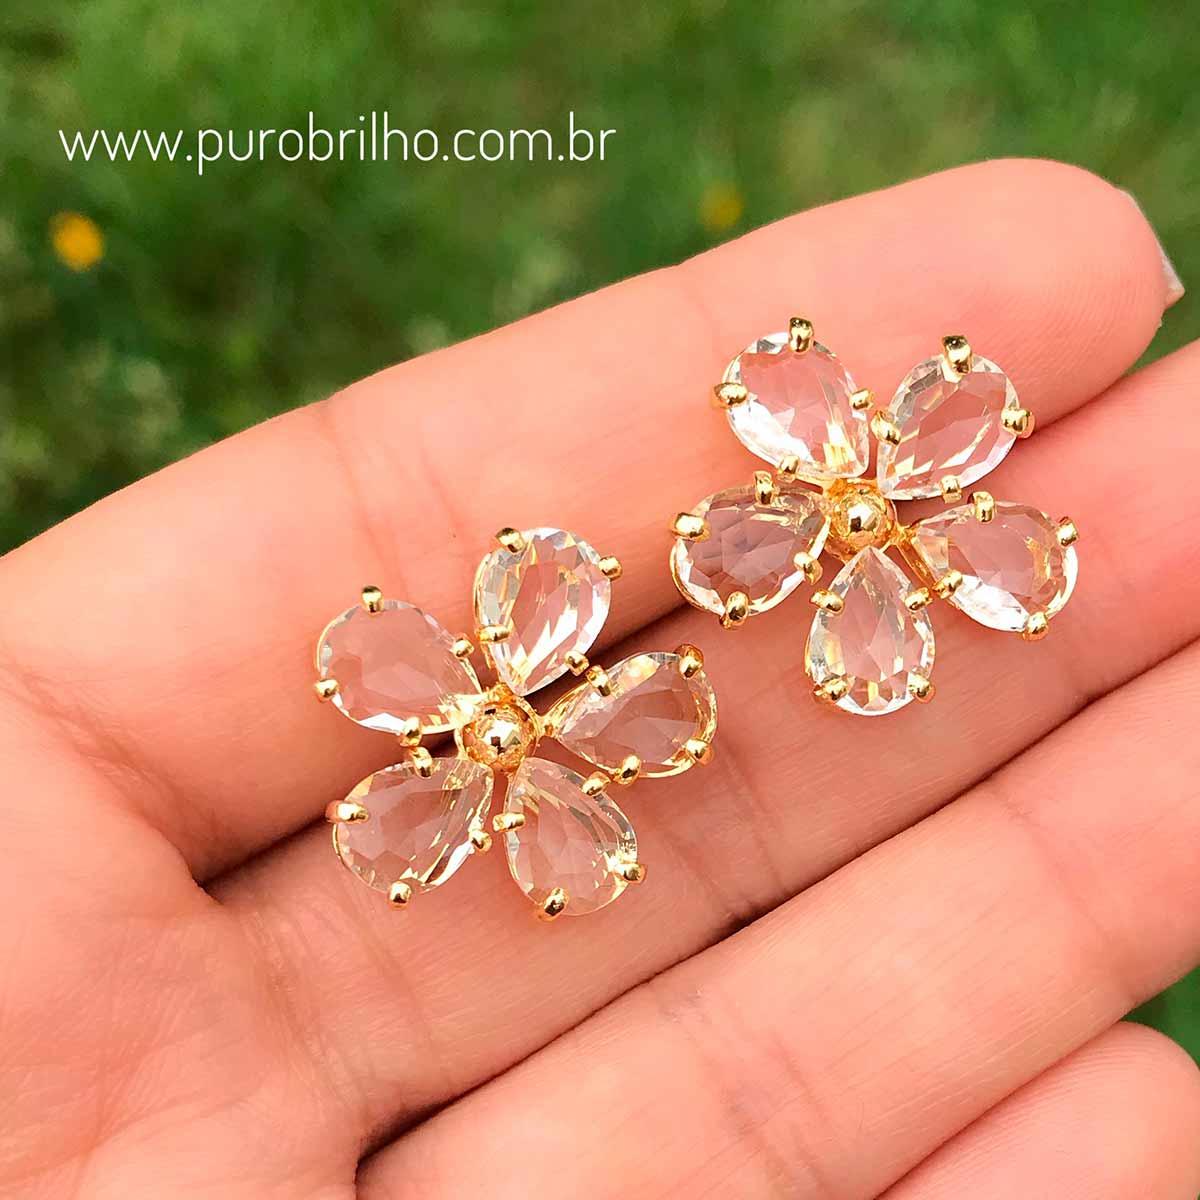 Brinco Semijoia Flor com Zircônia Branca Folheado a Ouro 18K